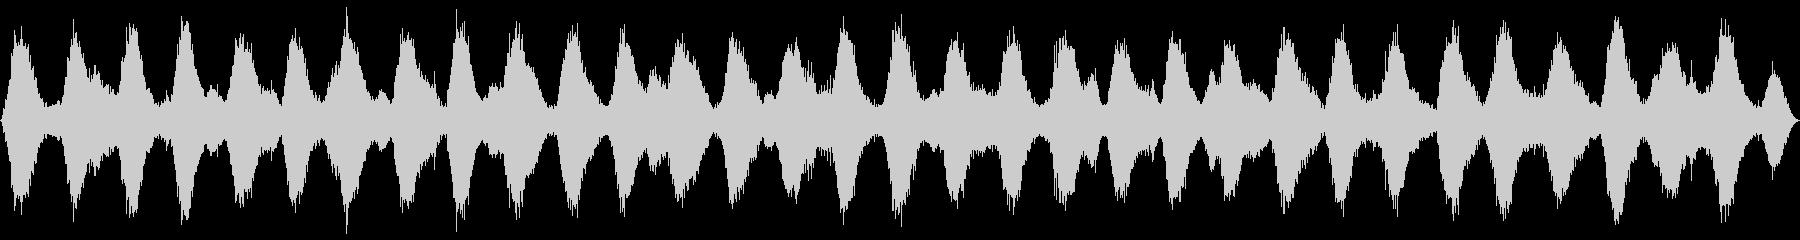 ループ再生可能!3分間の波音の未再生の波形